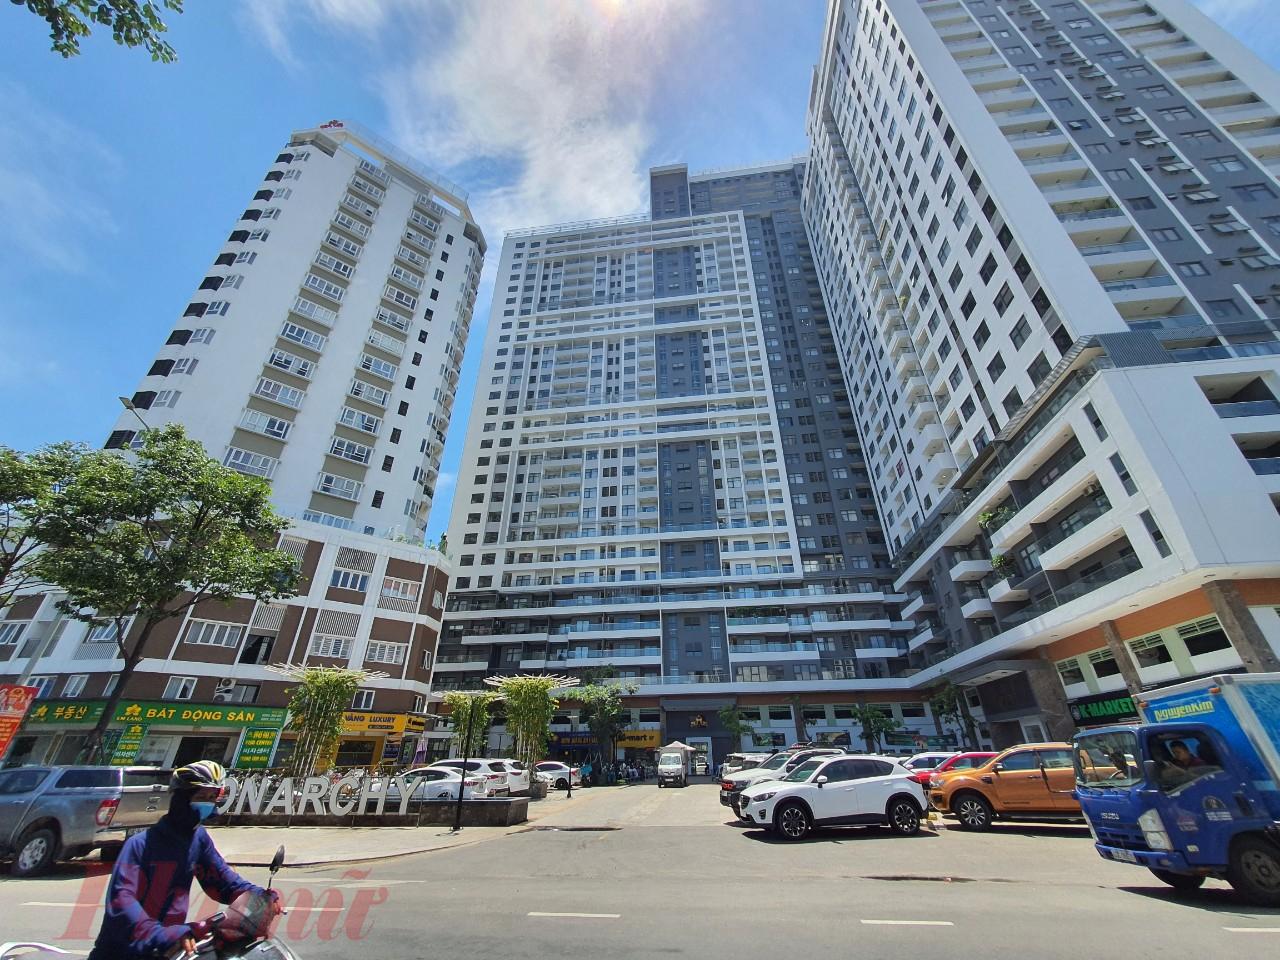 Dù chưa đủ điều kiện nhưng Nhà Đà Nẵng đã bán hàng trăm căn hộ tại chung cư Monarchy